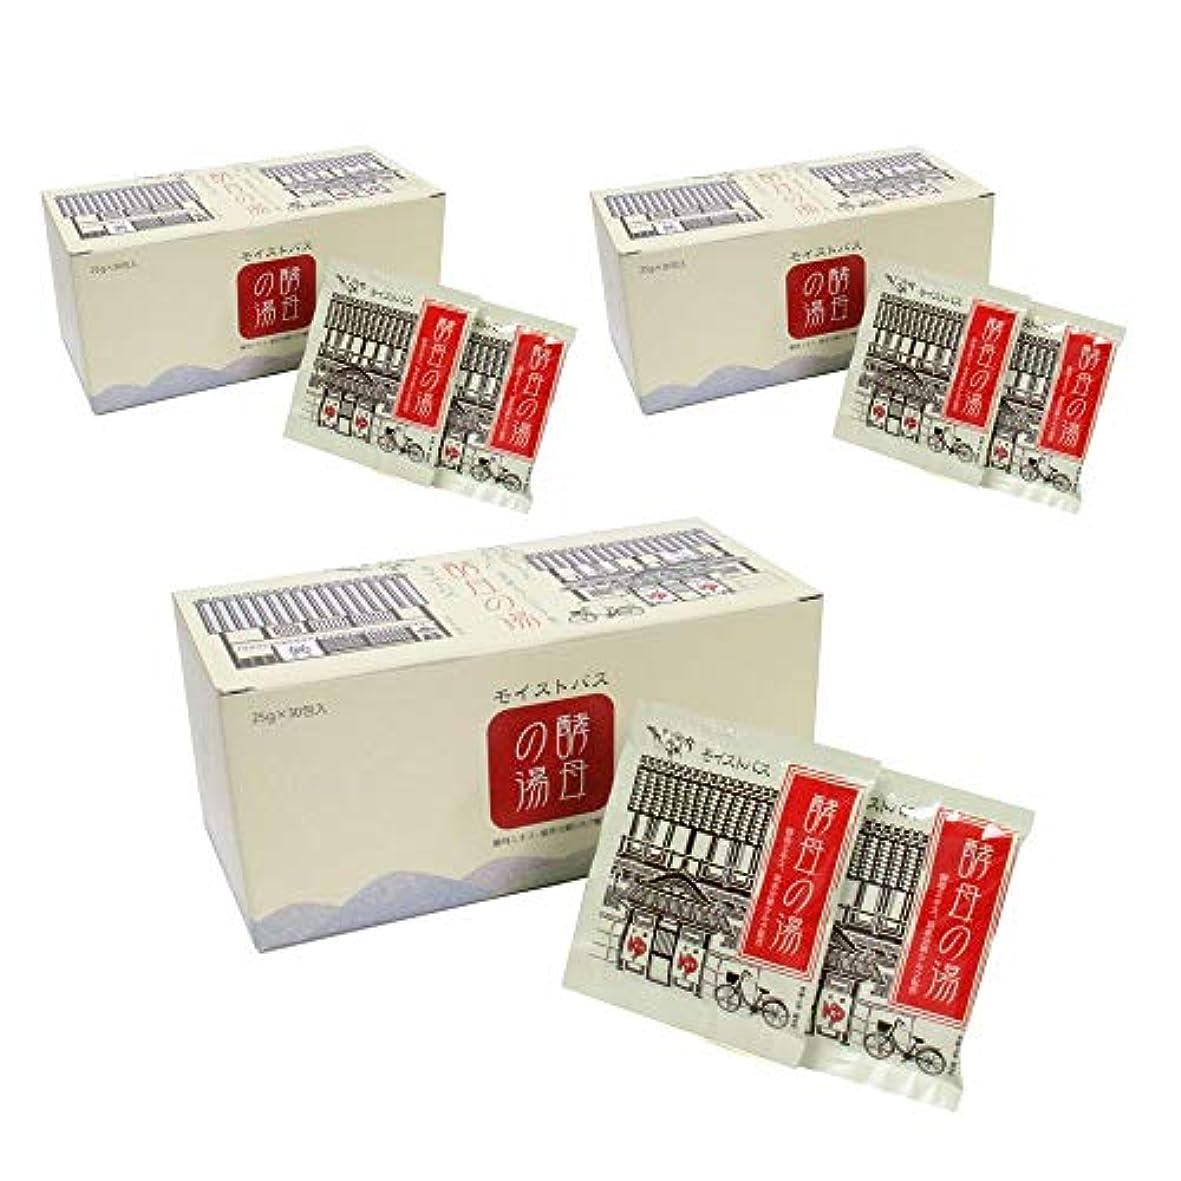 議会最もフックアミノン モイストバス 酵母の湯 25g×30包 (3箱セット)